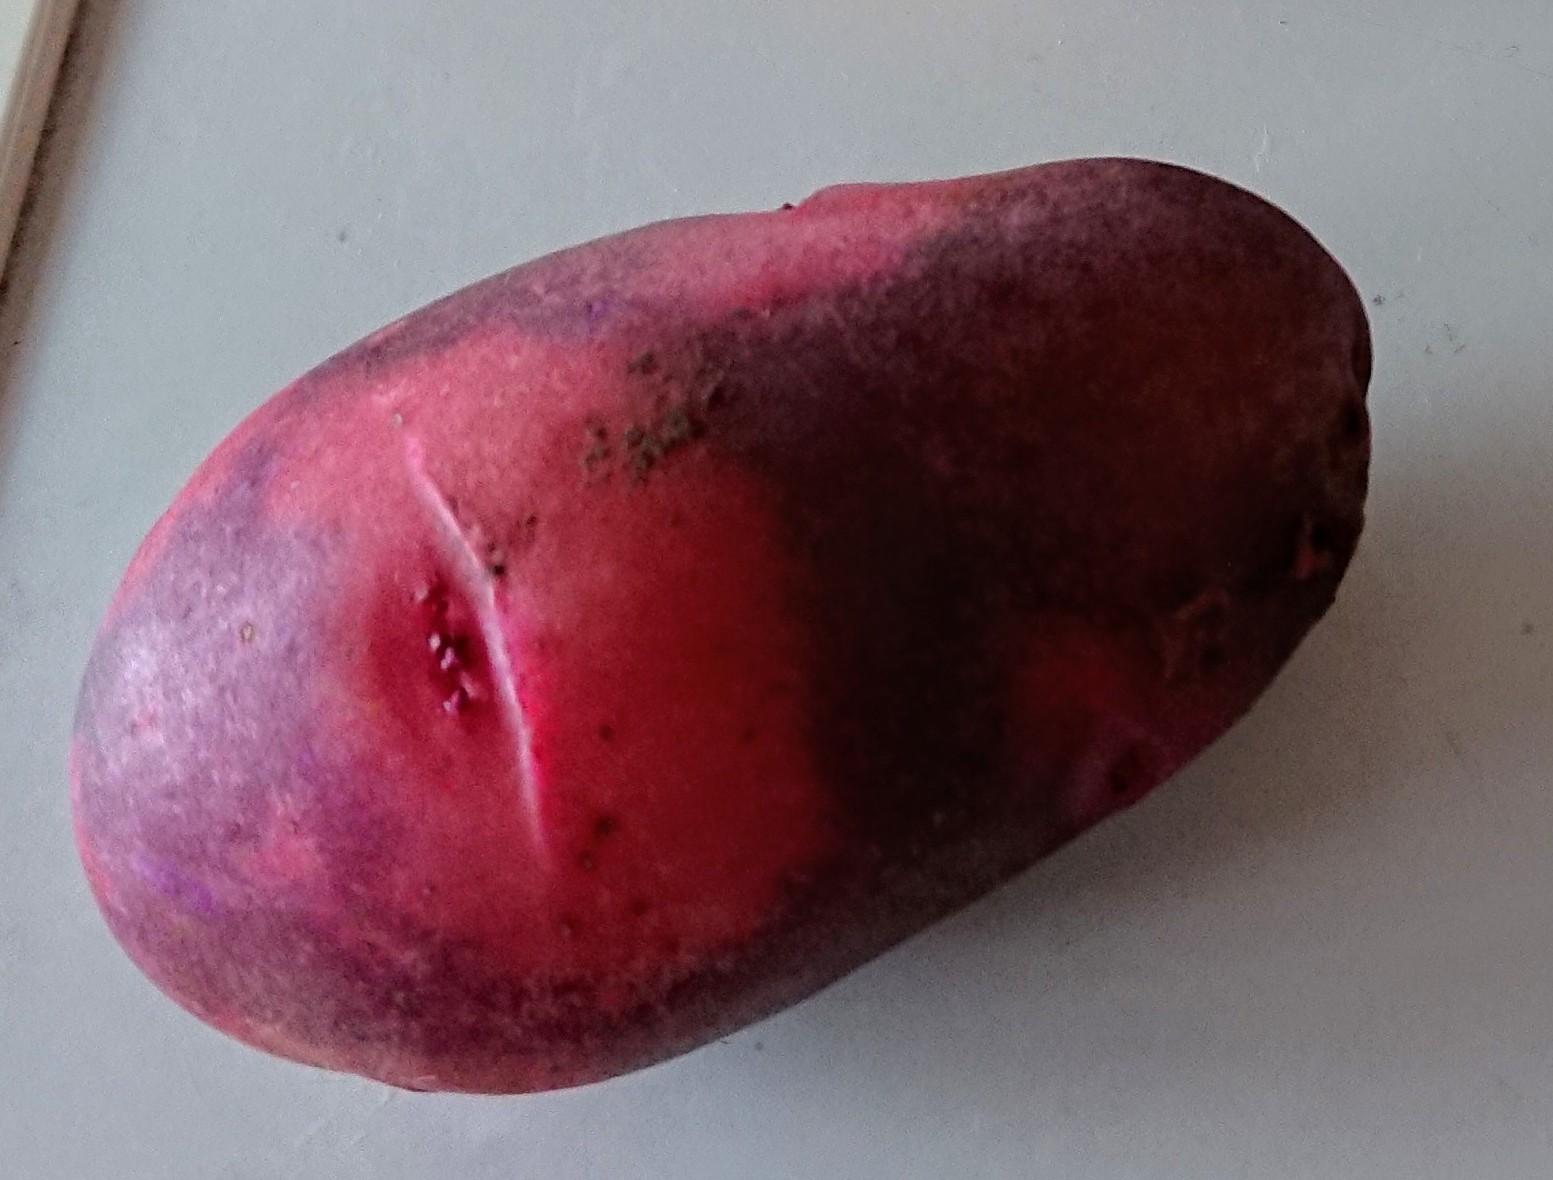 【自然栽培】じゃがいも 2020グランドペチカ(デストロイヤー)紫×赤 1kg  長崎県産 固定・自家採種